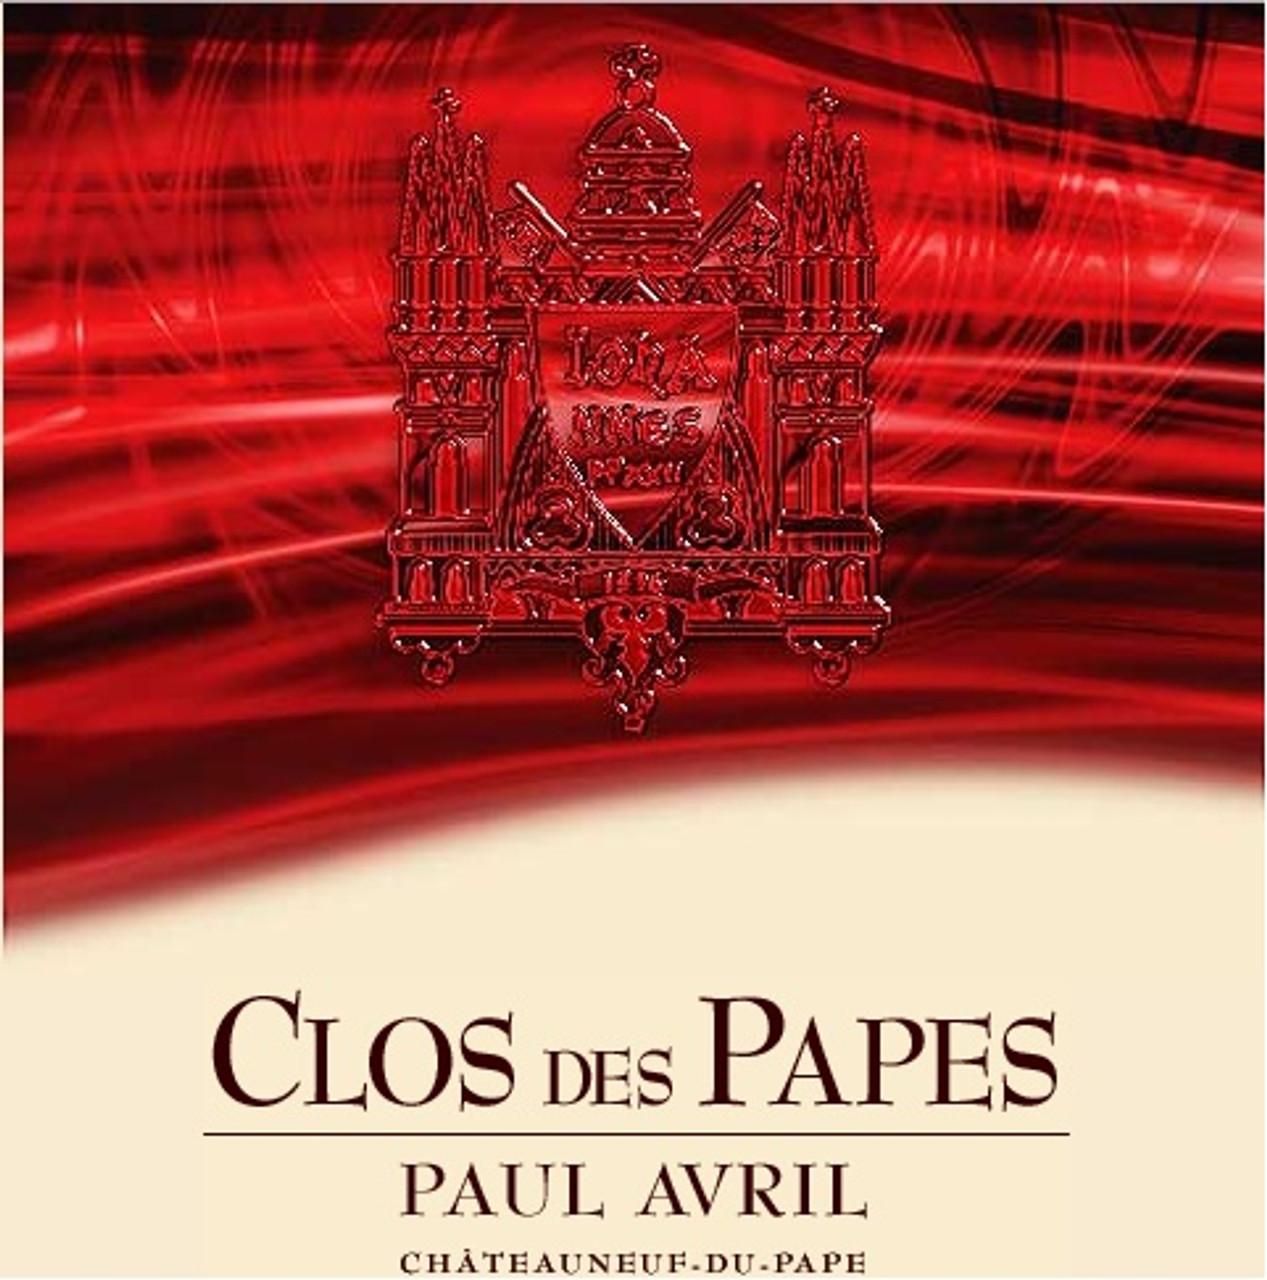 Clos Des Papes, Chateauneuf-du-Pape 2016